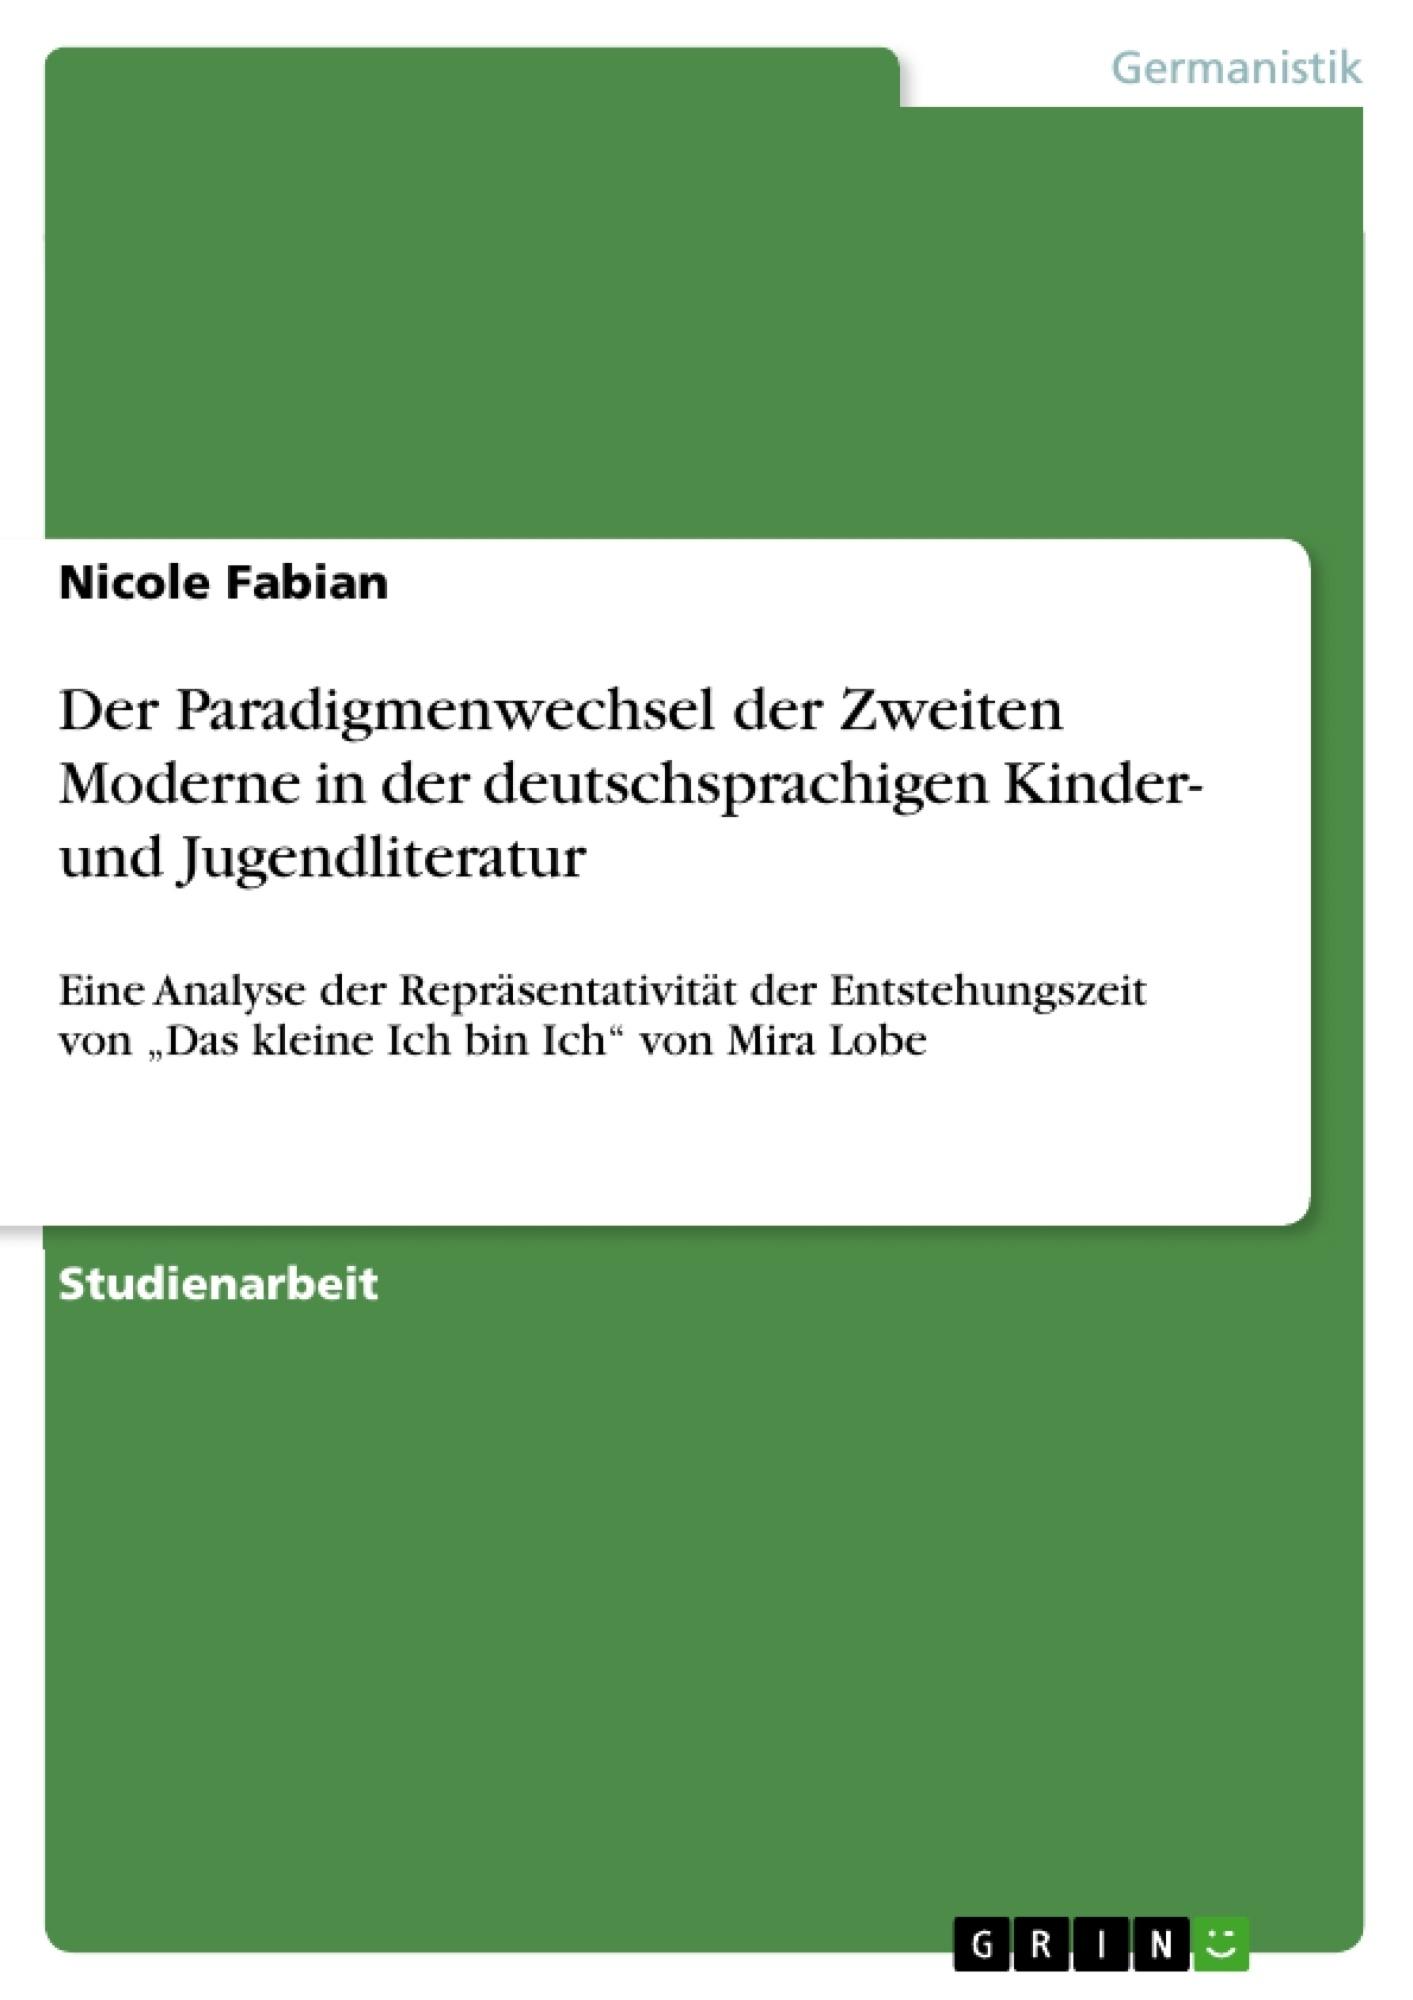 Titel: Der Paradigmenwechsel der Zweiten Moderne in der deutschsprachigen Kinder- und Jugendliteratur